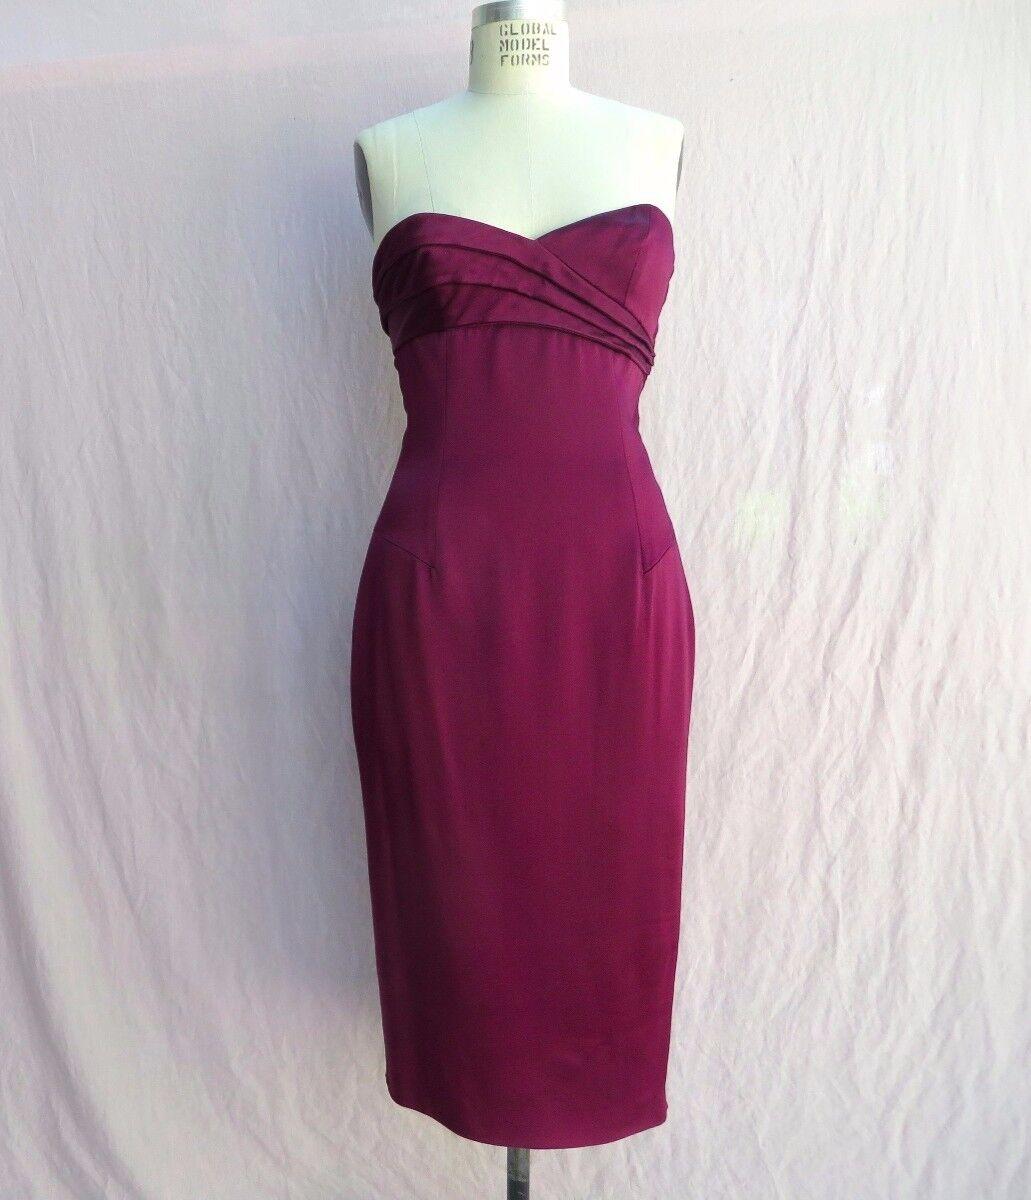 Seda y satén suave L 'Wren Scott pista  Borgoña Sin Tirantes Cóctel Vestido talla 44 8US  marca en liquidación de venta